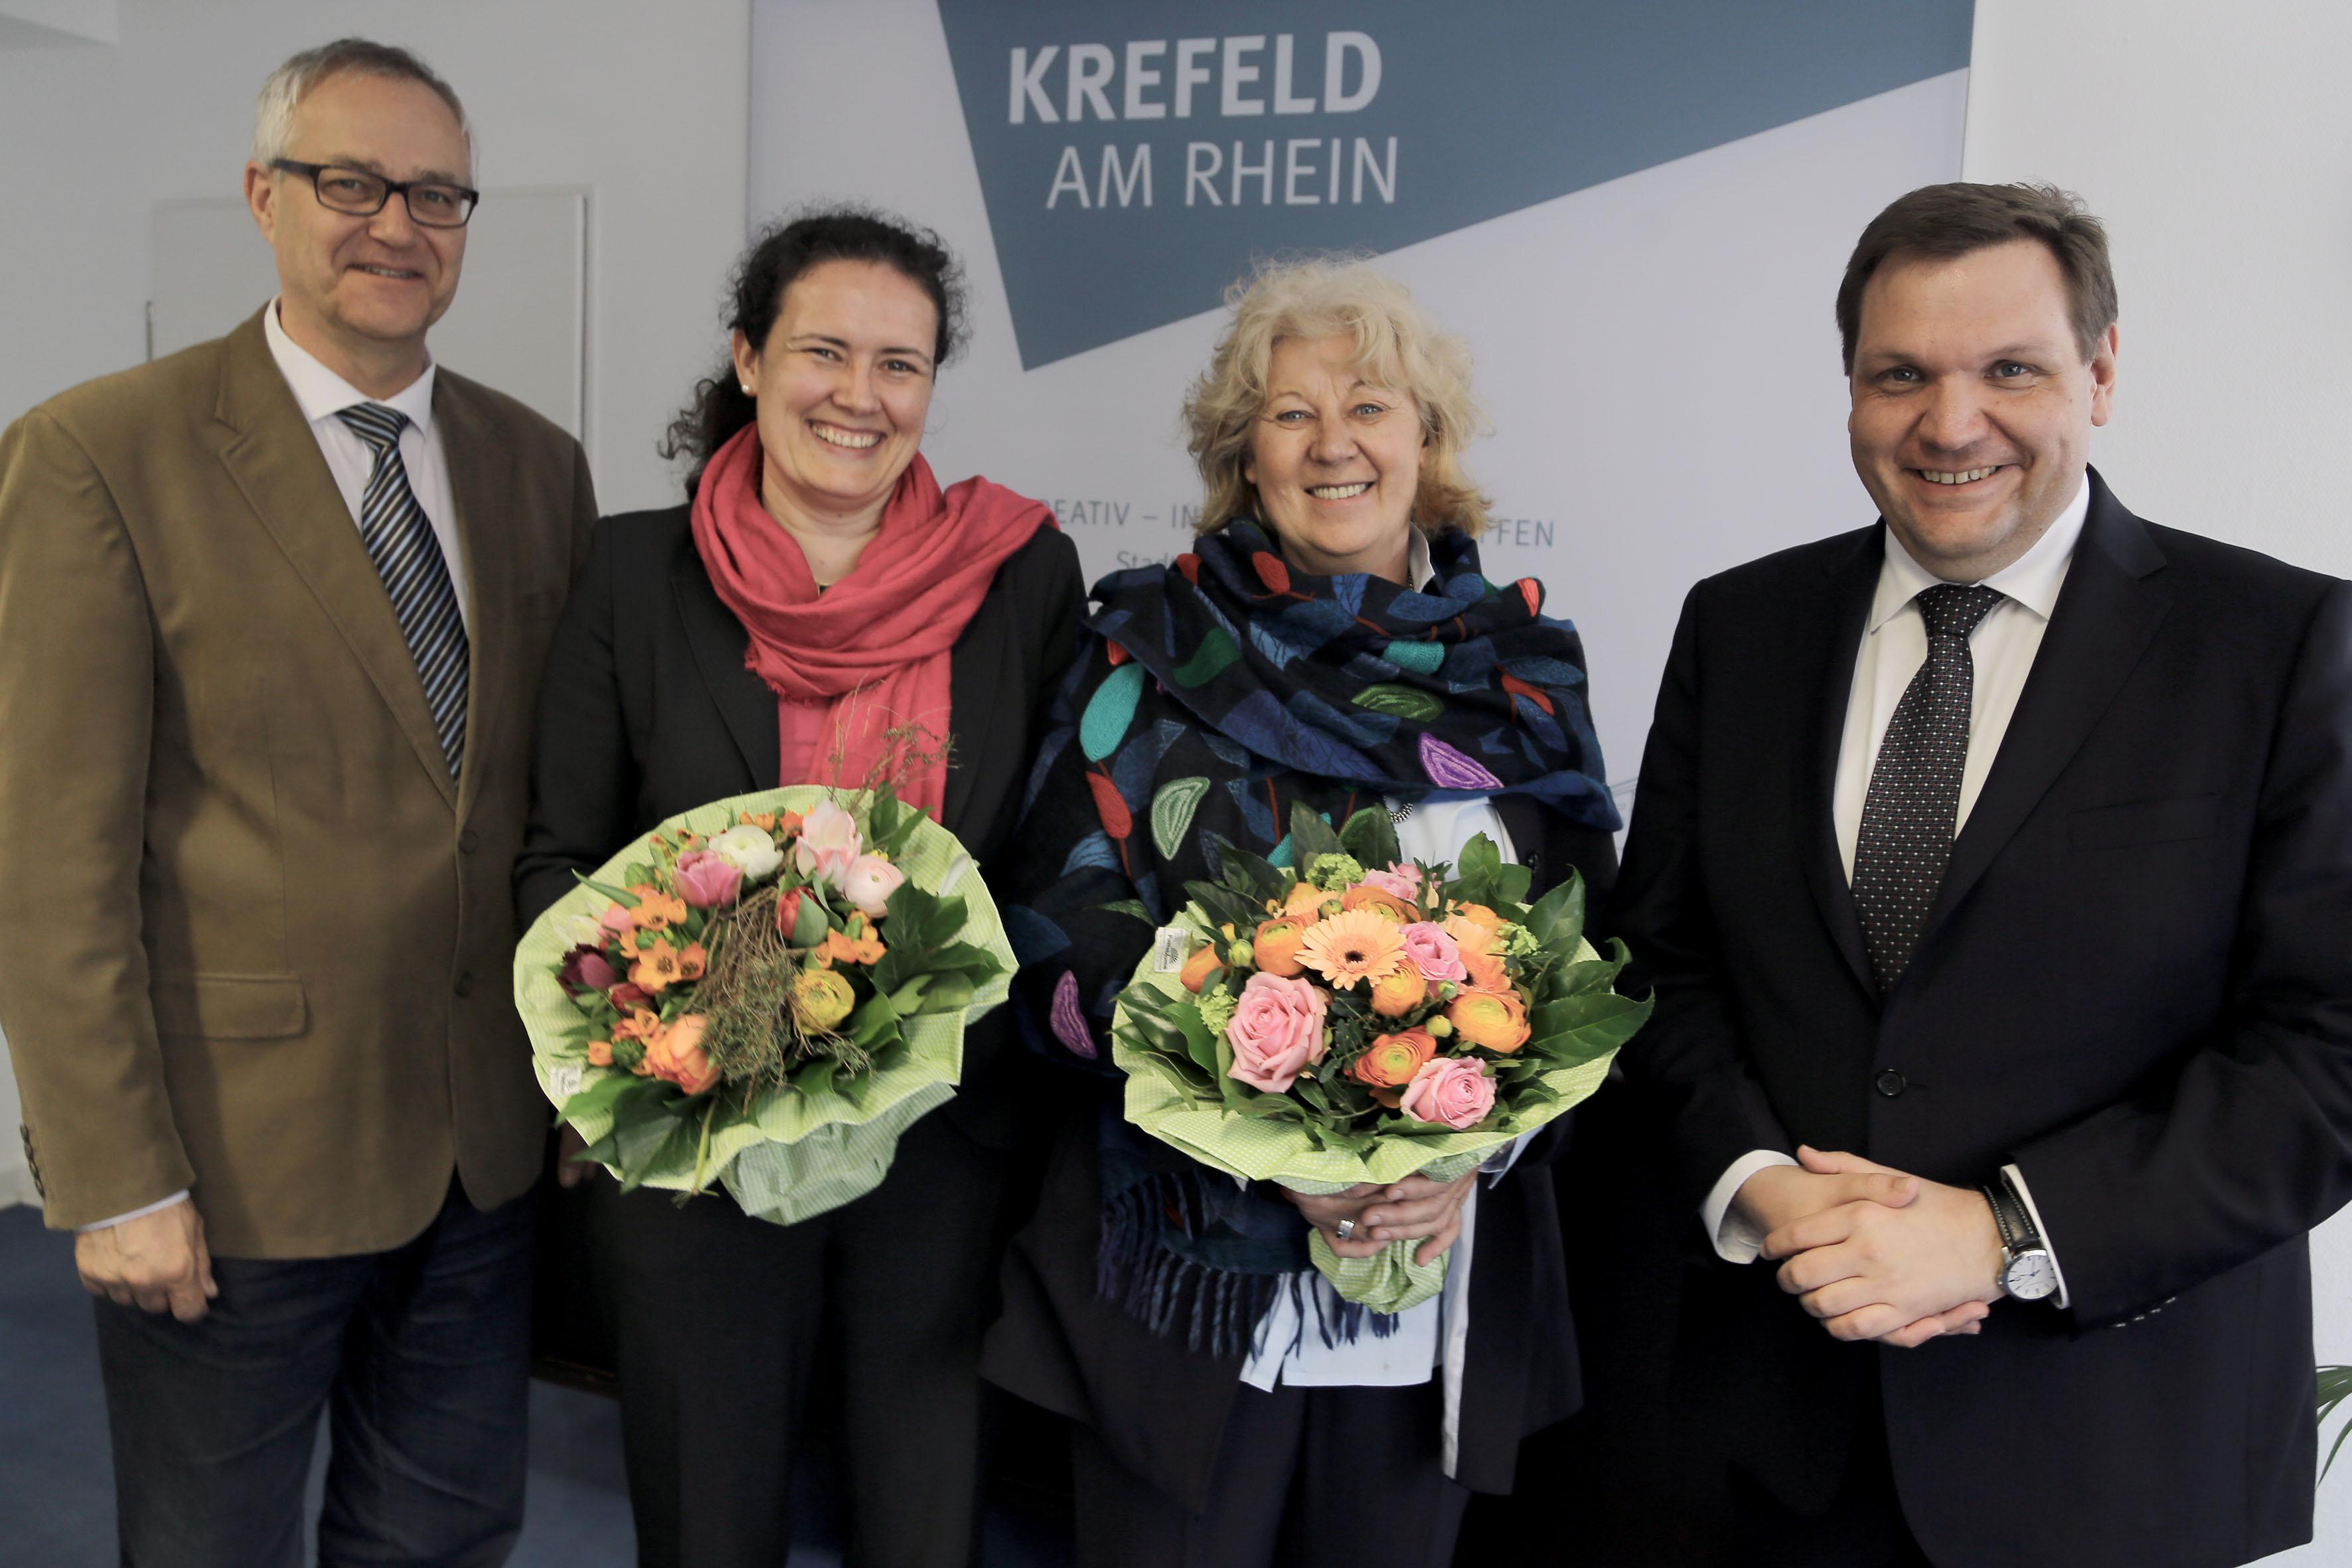 Oberbürgermeister Frank Meyer (rechts) und Schuldezernent Gregor Micus haben die beiden  neuen Schulrätinnen Ann-Kathrin Kamber (links) und Marita Koblenz-Lüschow begrüßt (Foto: Stadt Krefeld, L. Strücken)